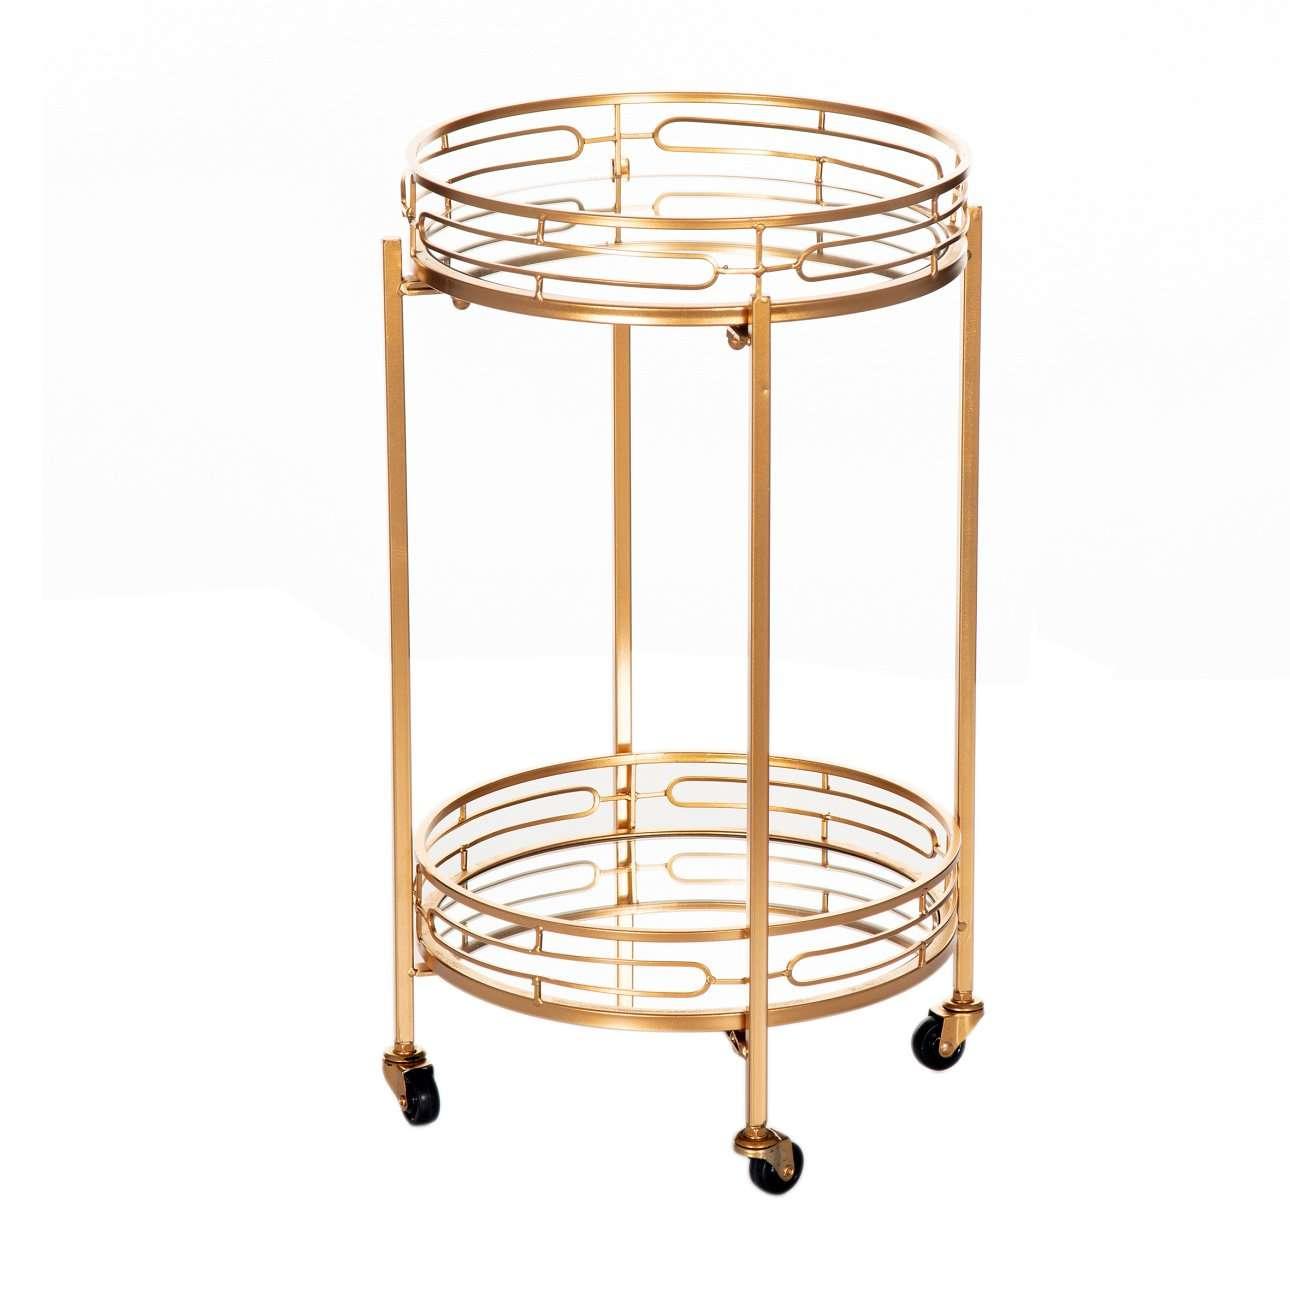 Pojízdný servírovací stolek Trini gold výška 68cm